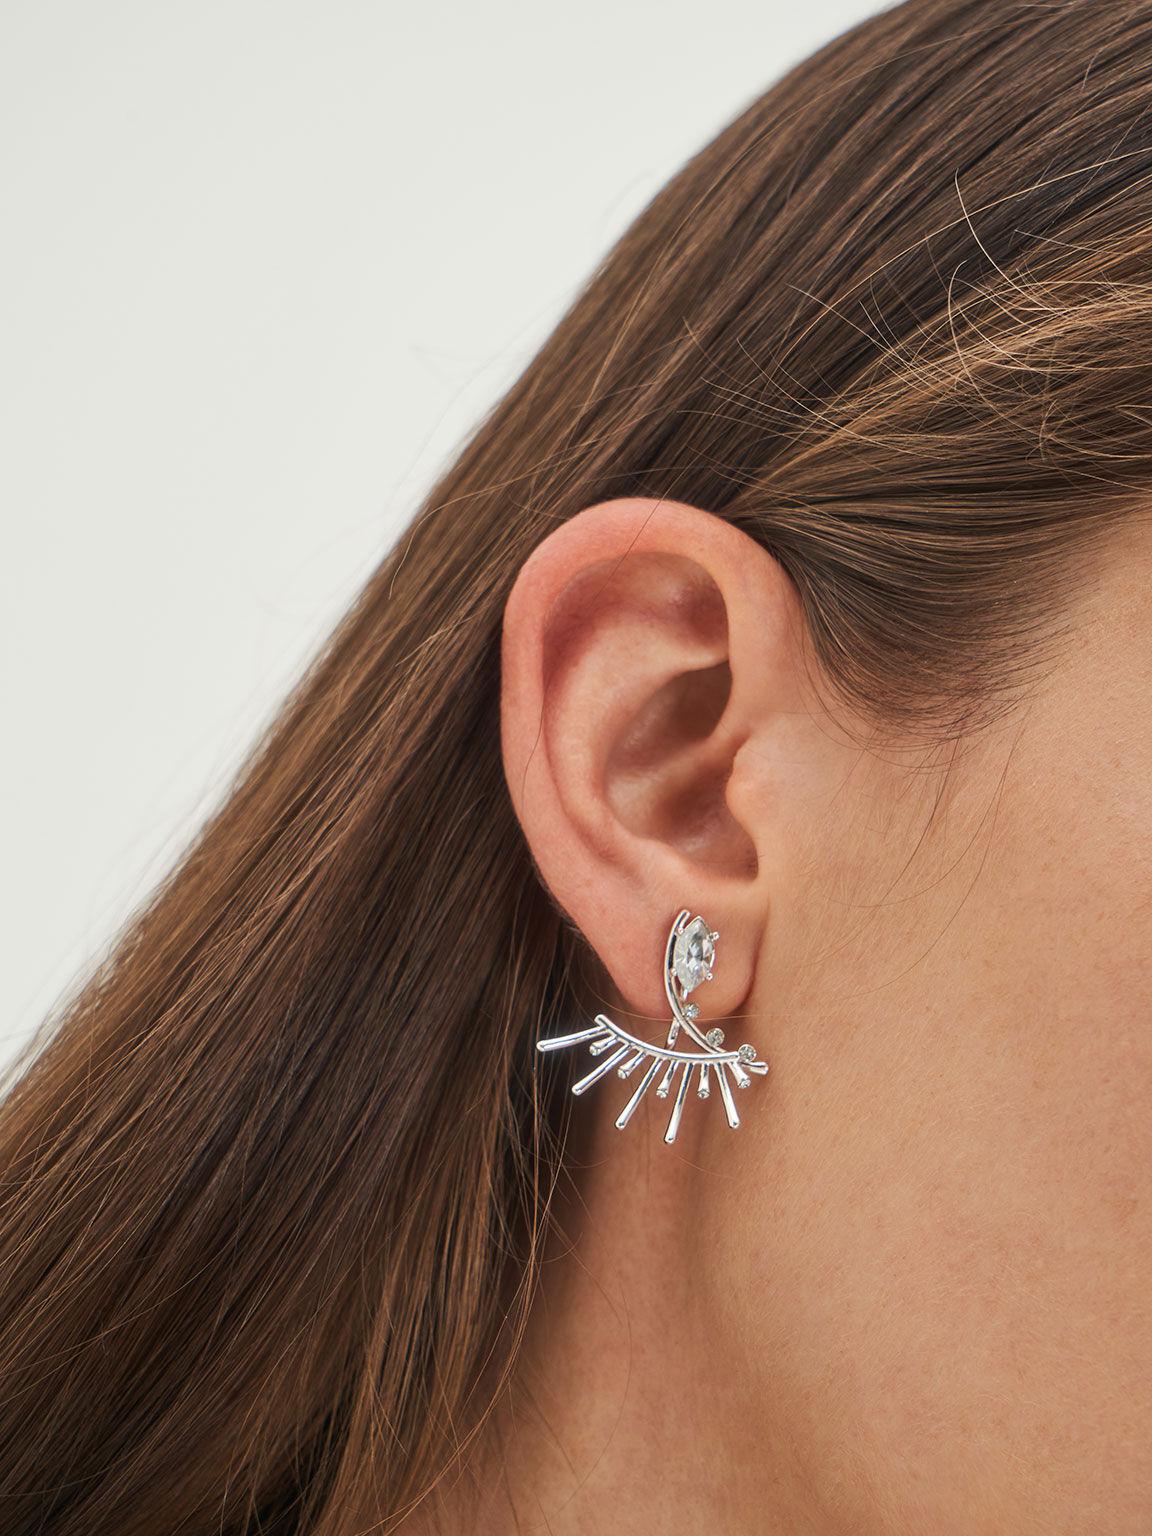 Swarovski® Crystal Stud Earrings, Silver, hi-res